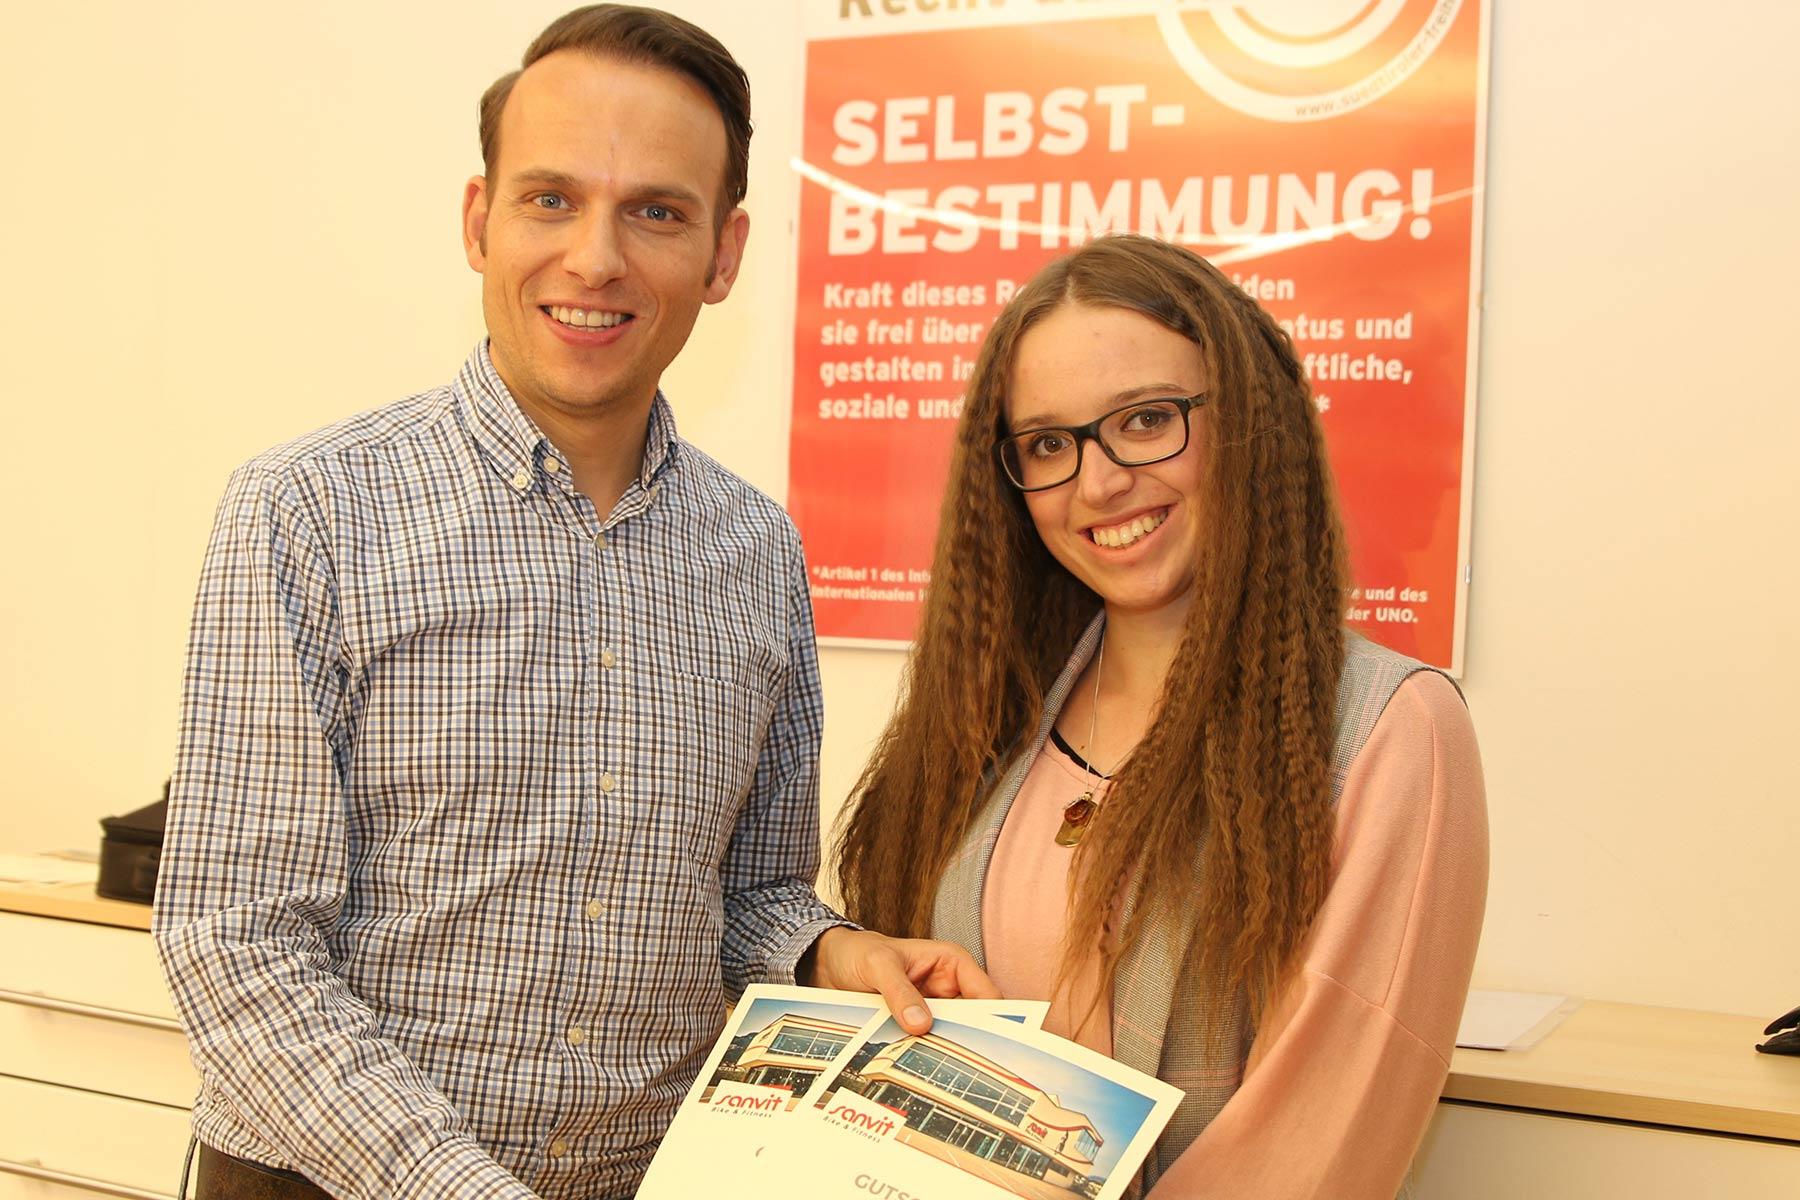 Landtagswahl-GewinnspielGewinner freuen sich über neue E-Bikes